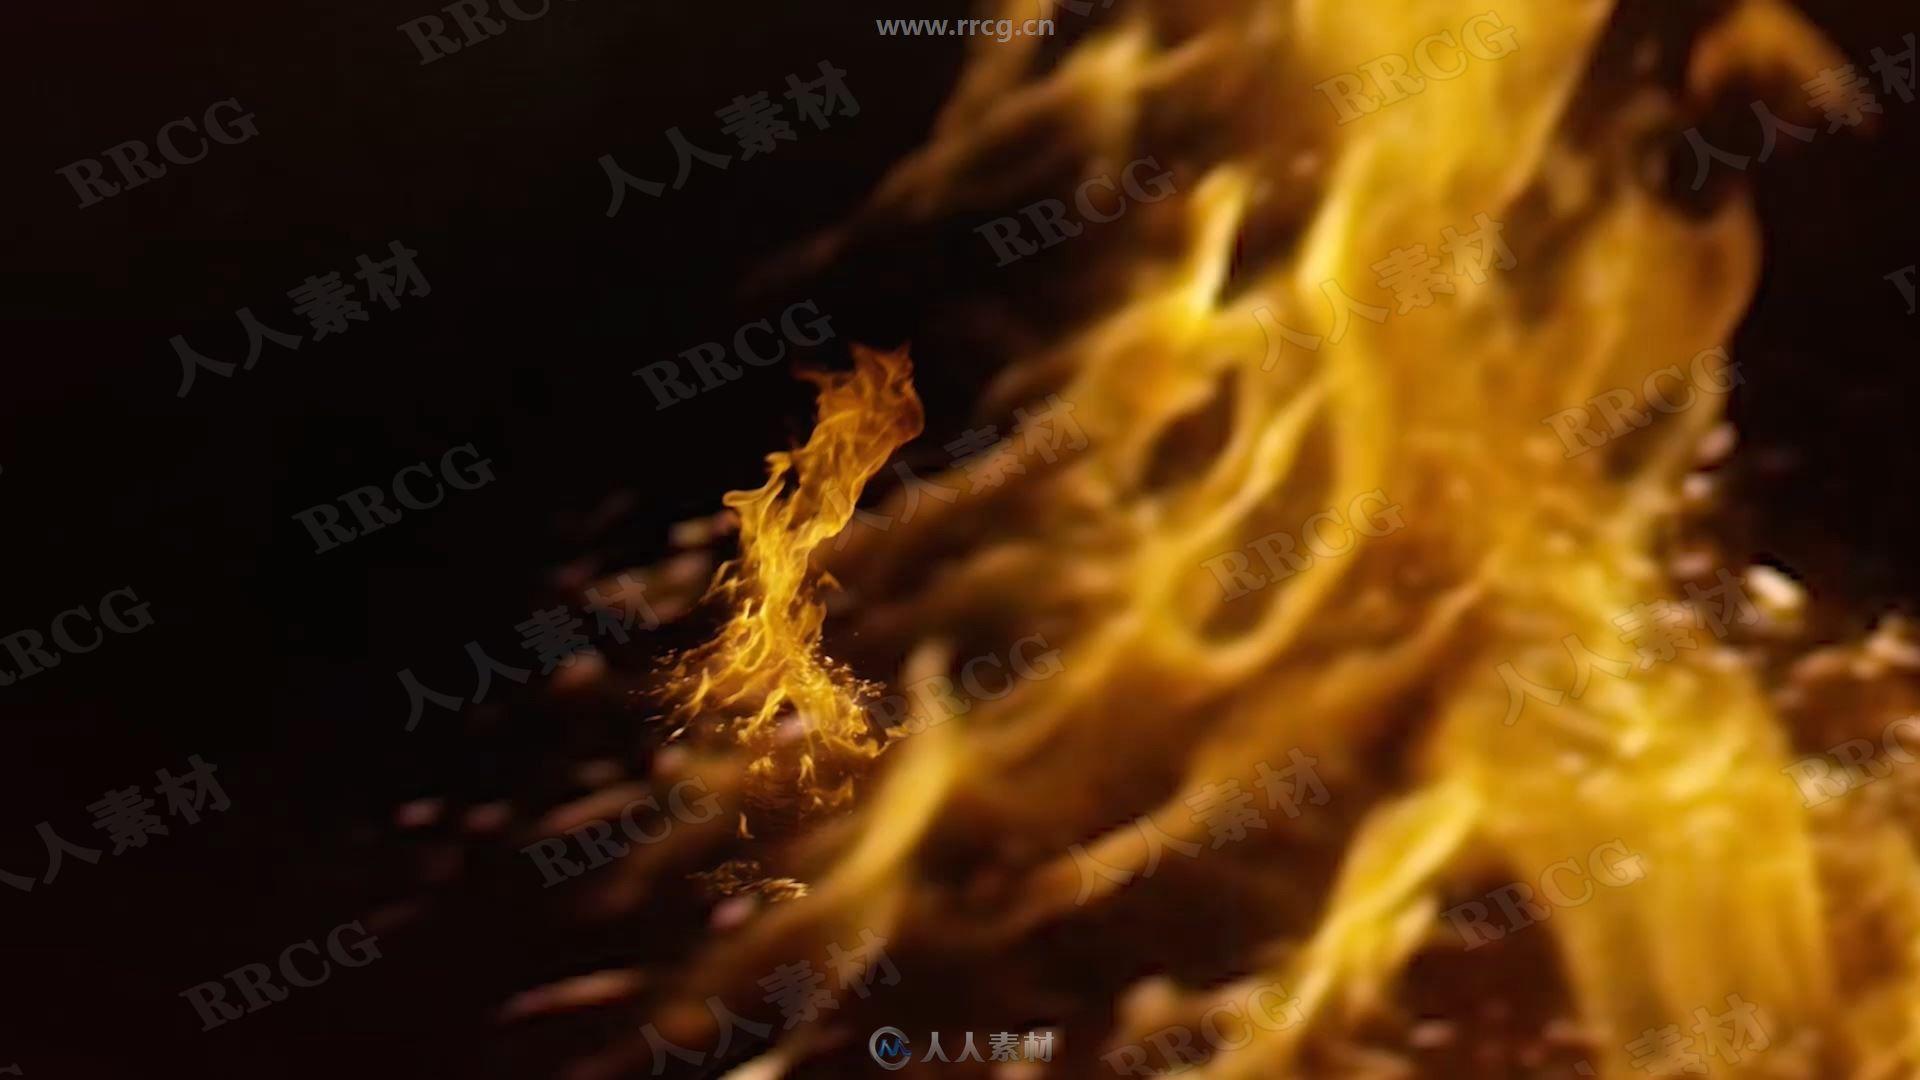 500组真实火焰燃烧特效4K高清视频素材合集